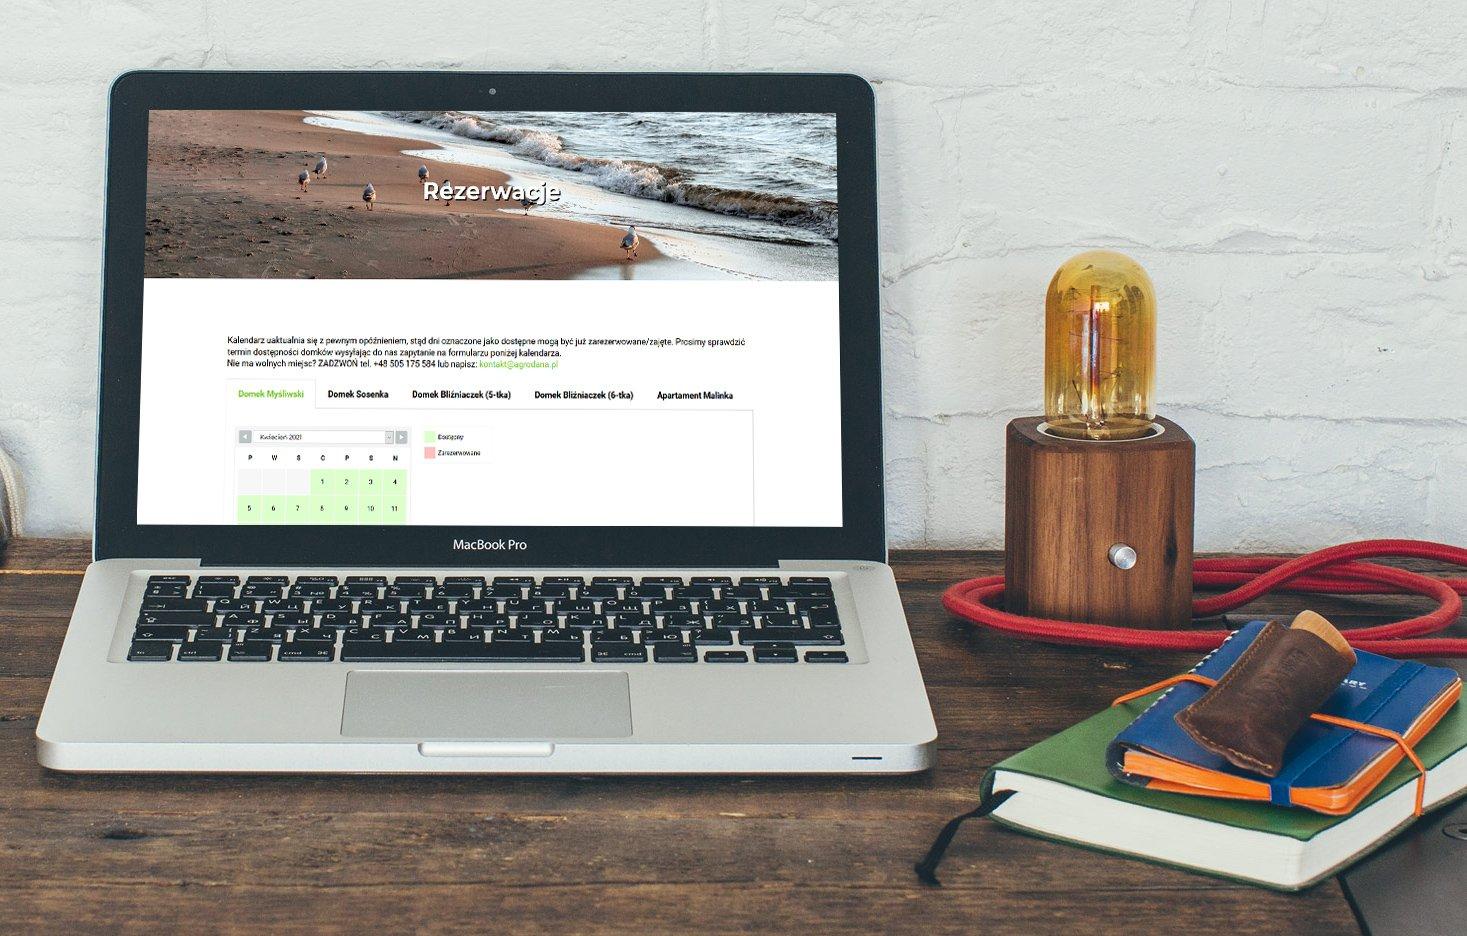 projektowanie stron internetowych agrodana.pl by siplex - Zdjęcie 6